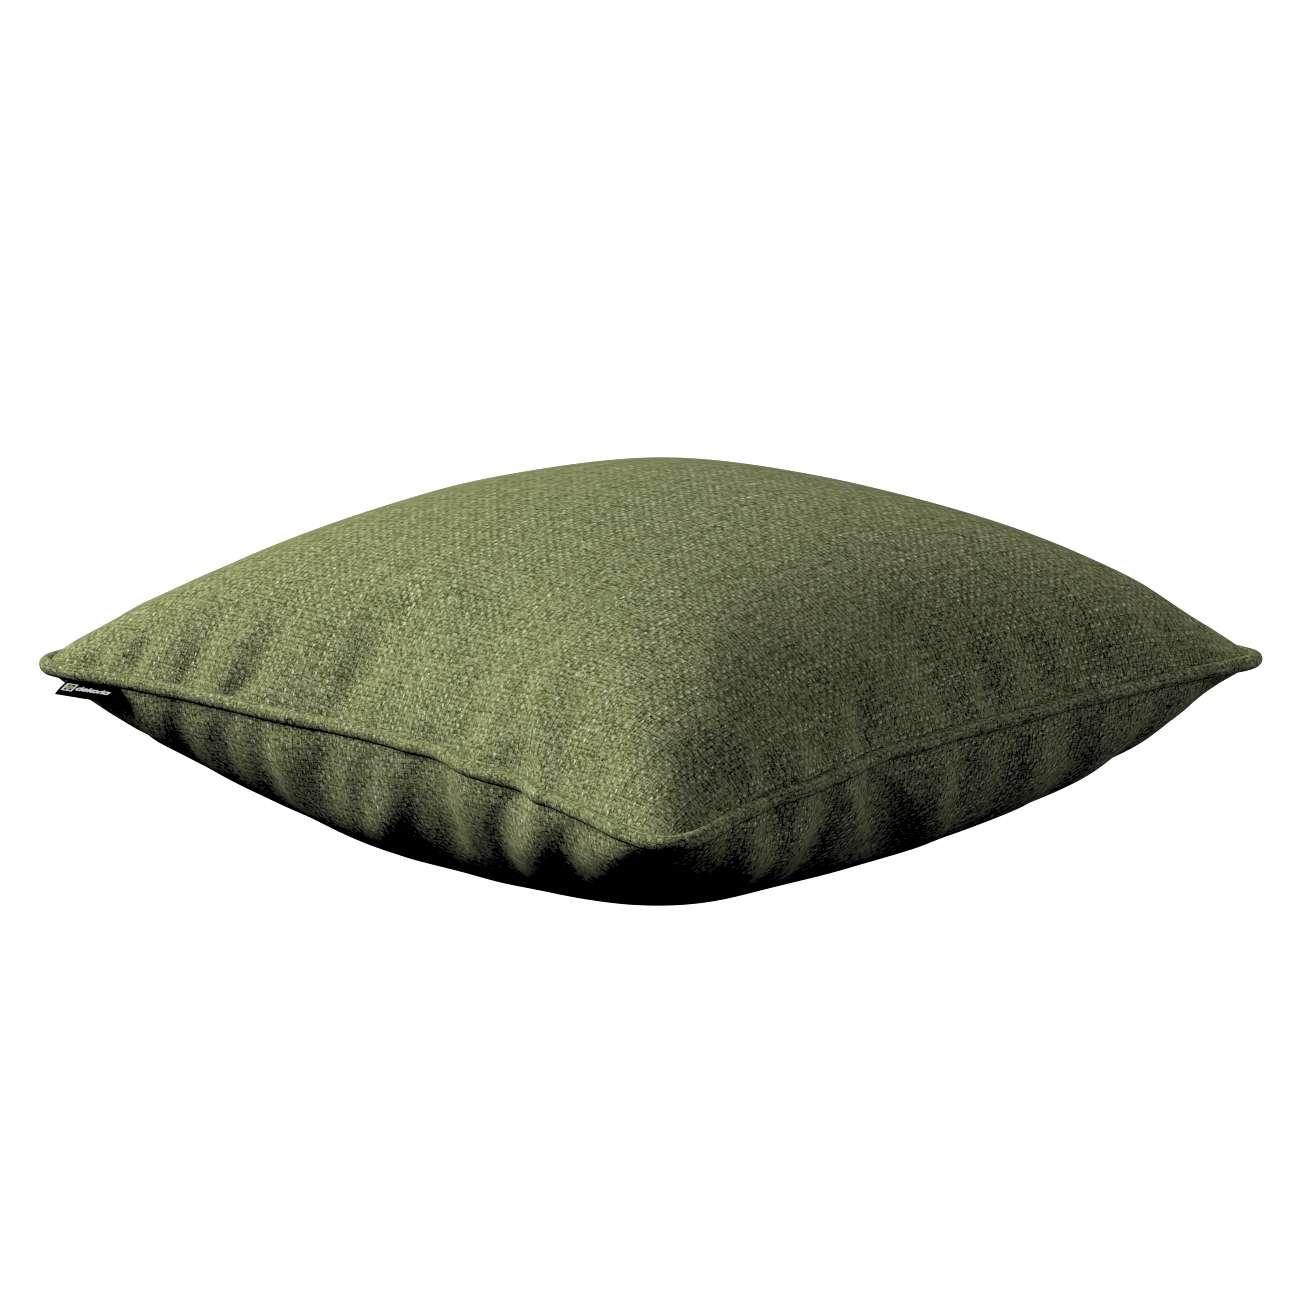 Poszewka Gabi na poduszkę w kolekcji Madrid, tkanina: 161-22